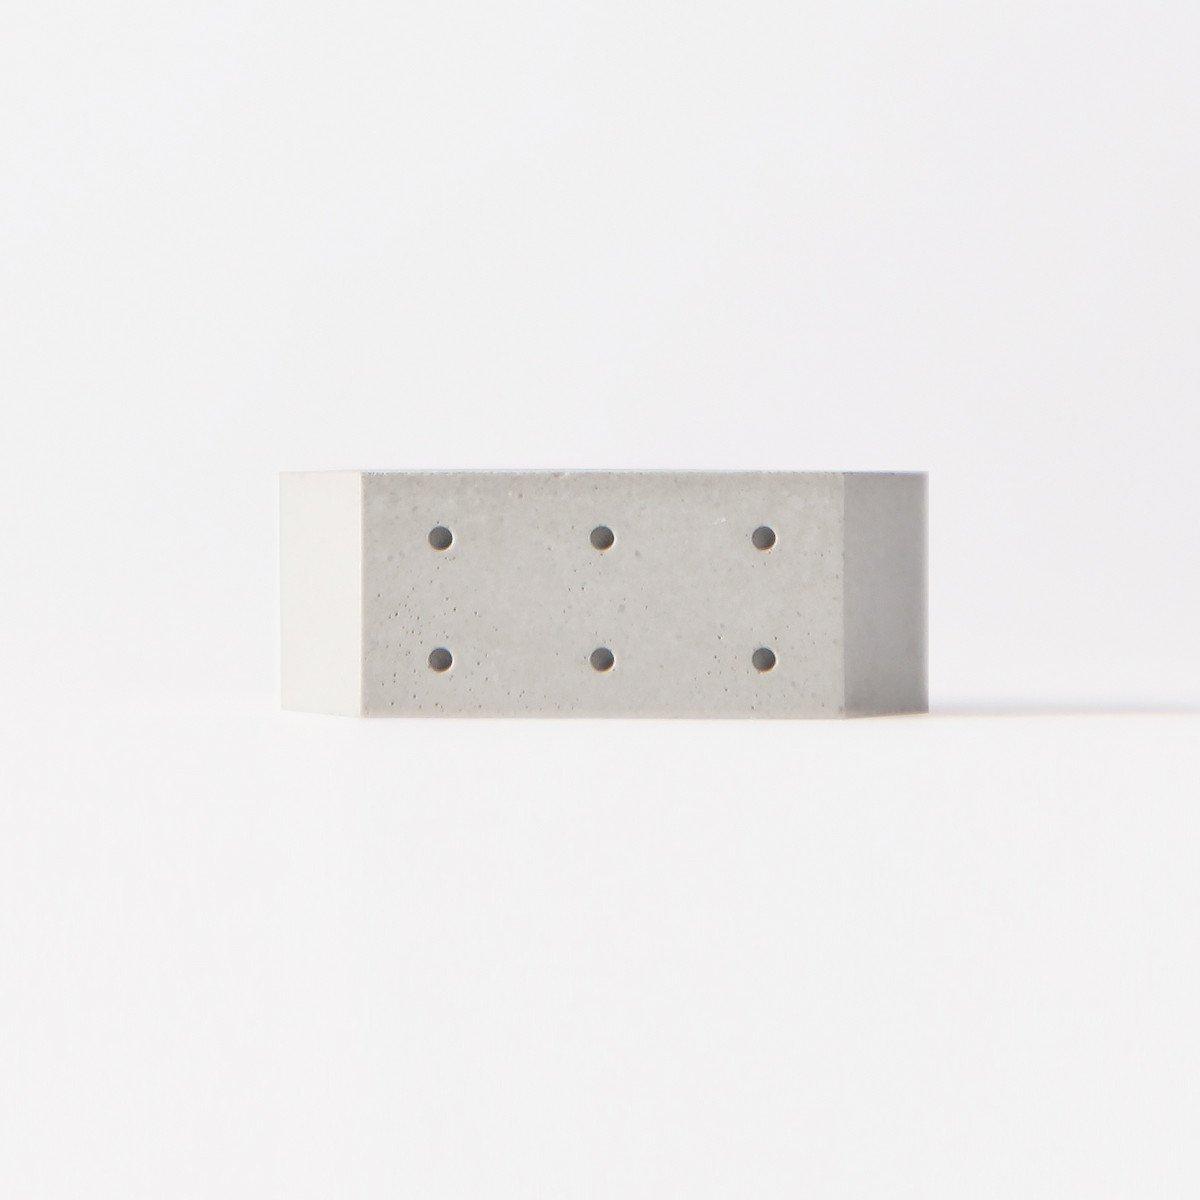 Tatami Concrete Ring-33543